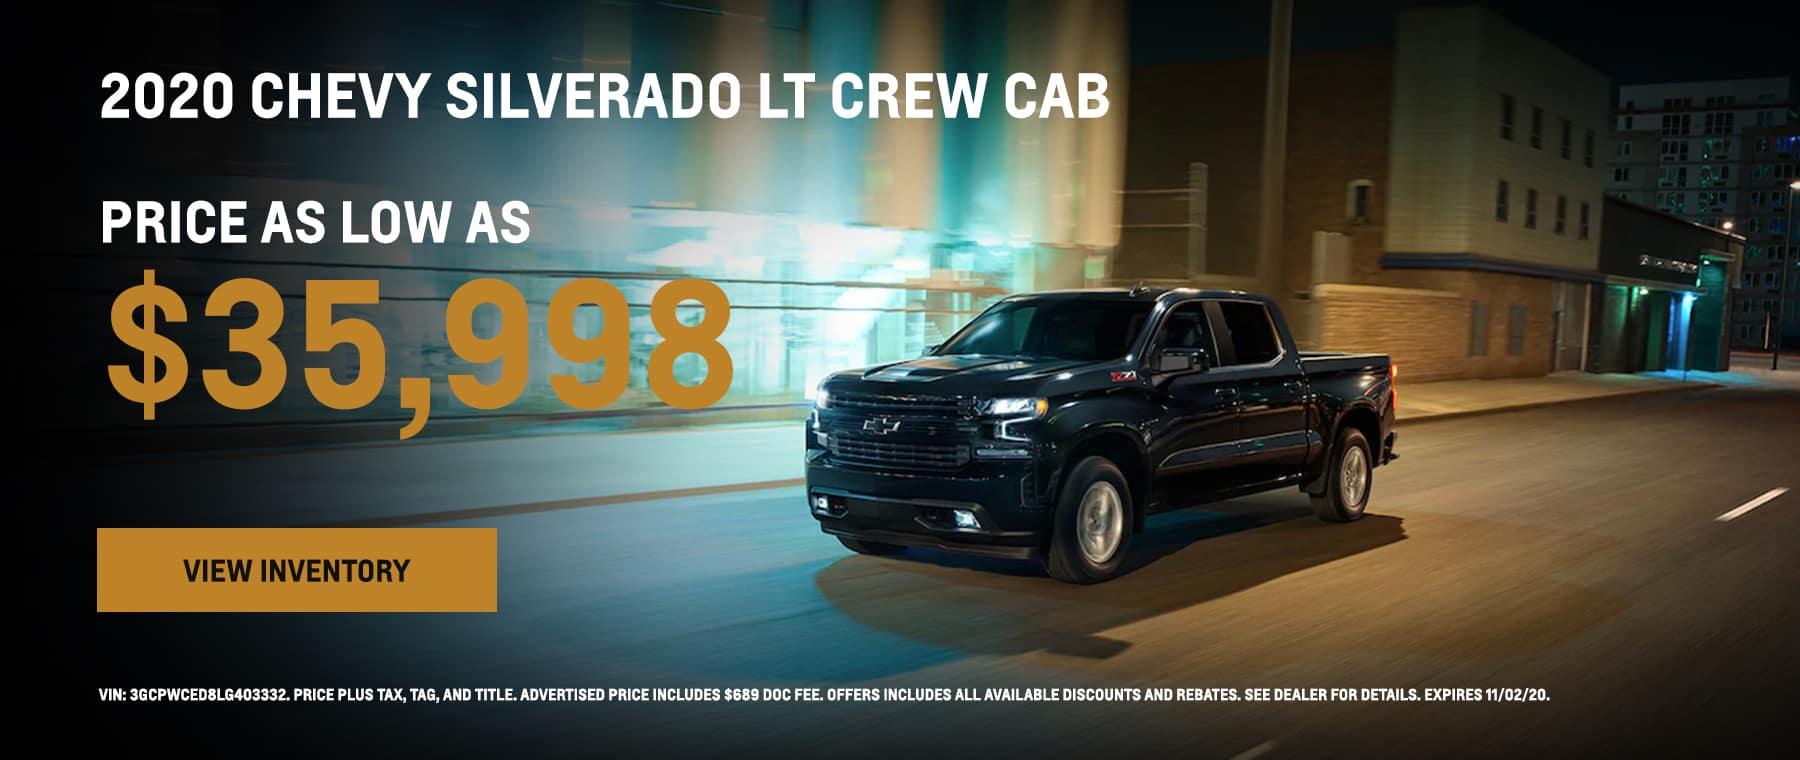 2020 Chevy Silverado LT priced as low as $35,998